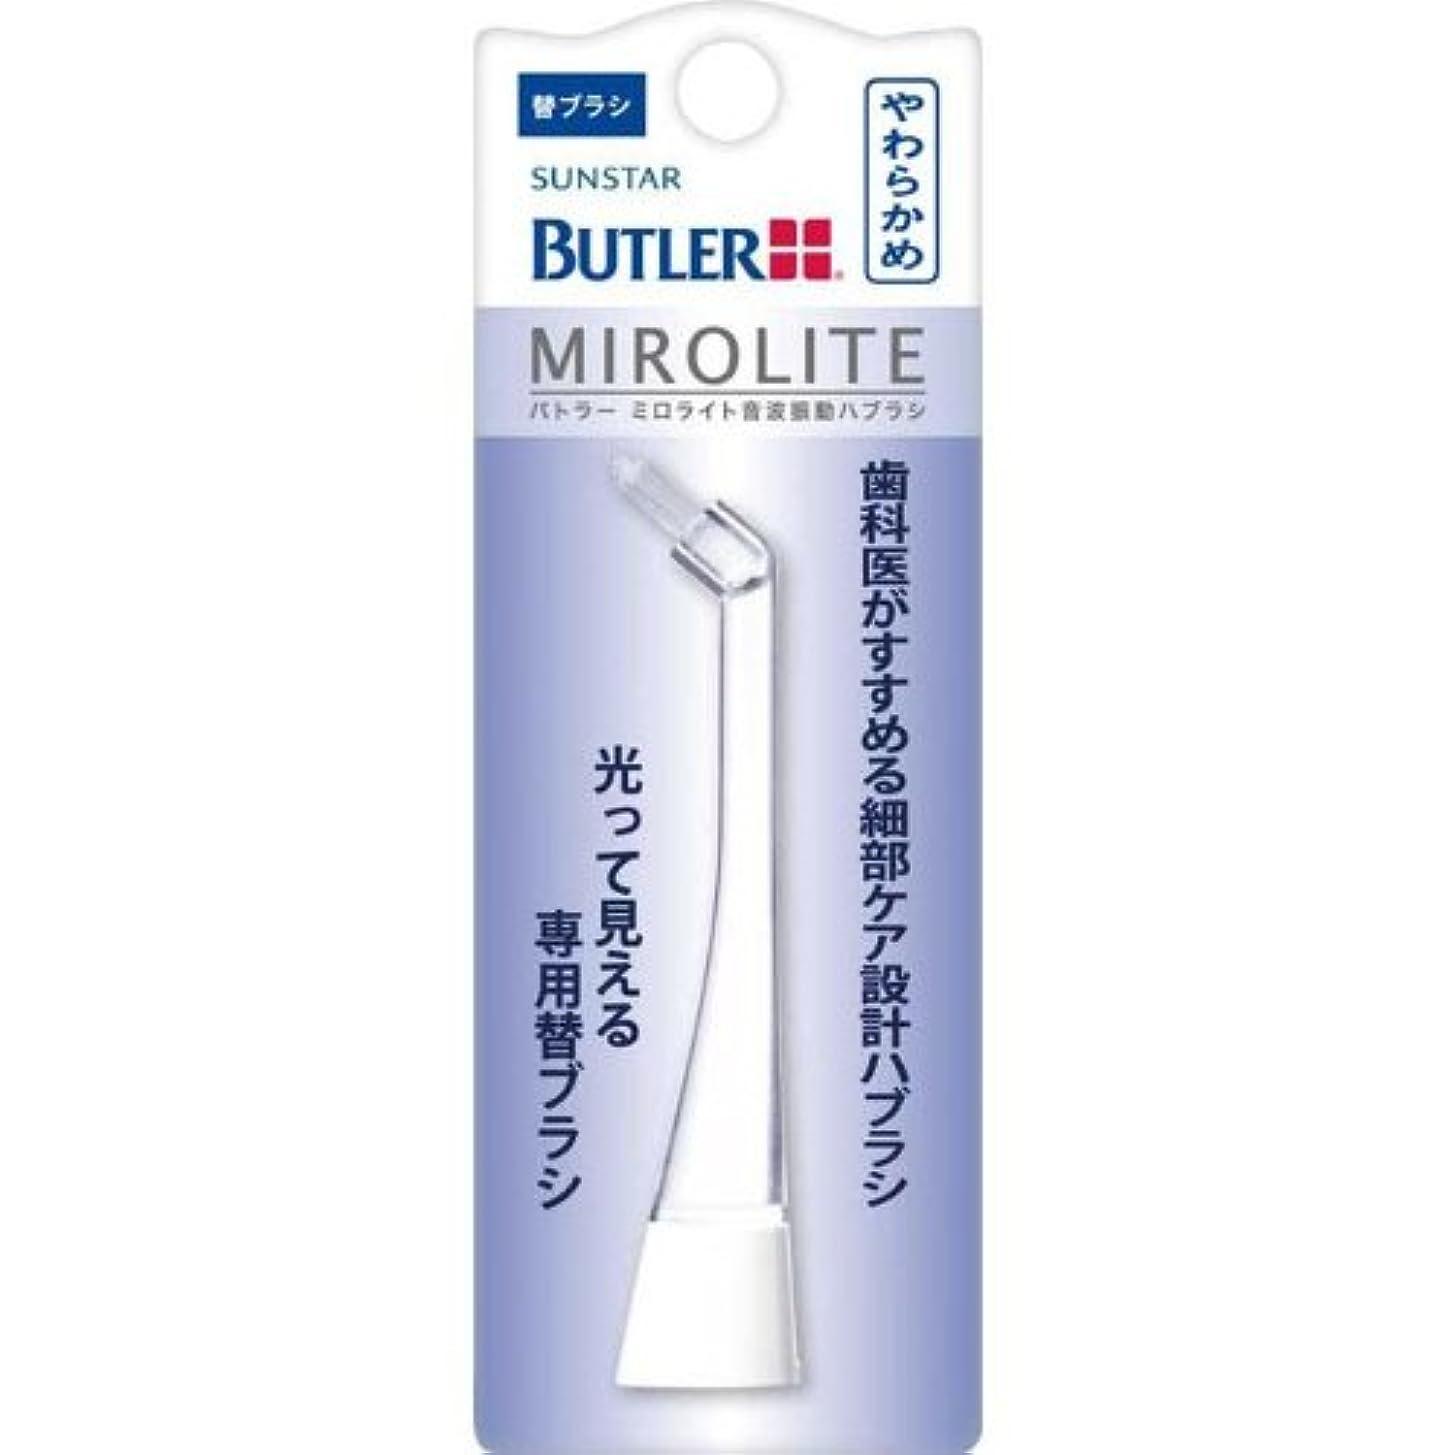 毒液巨人シーズンBUTLER(バトラー) ミロライト 音波振動ハブラシ 替シングルタフト PB-01